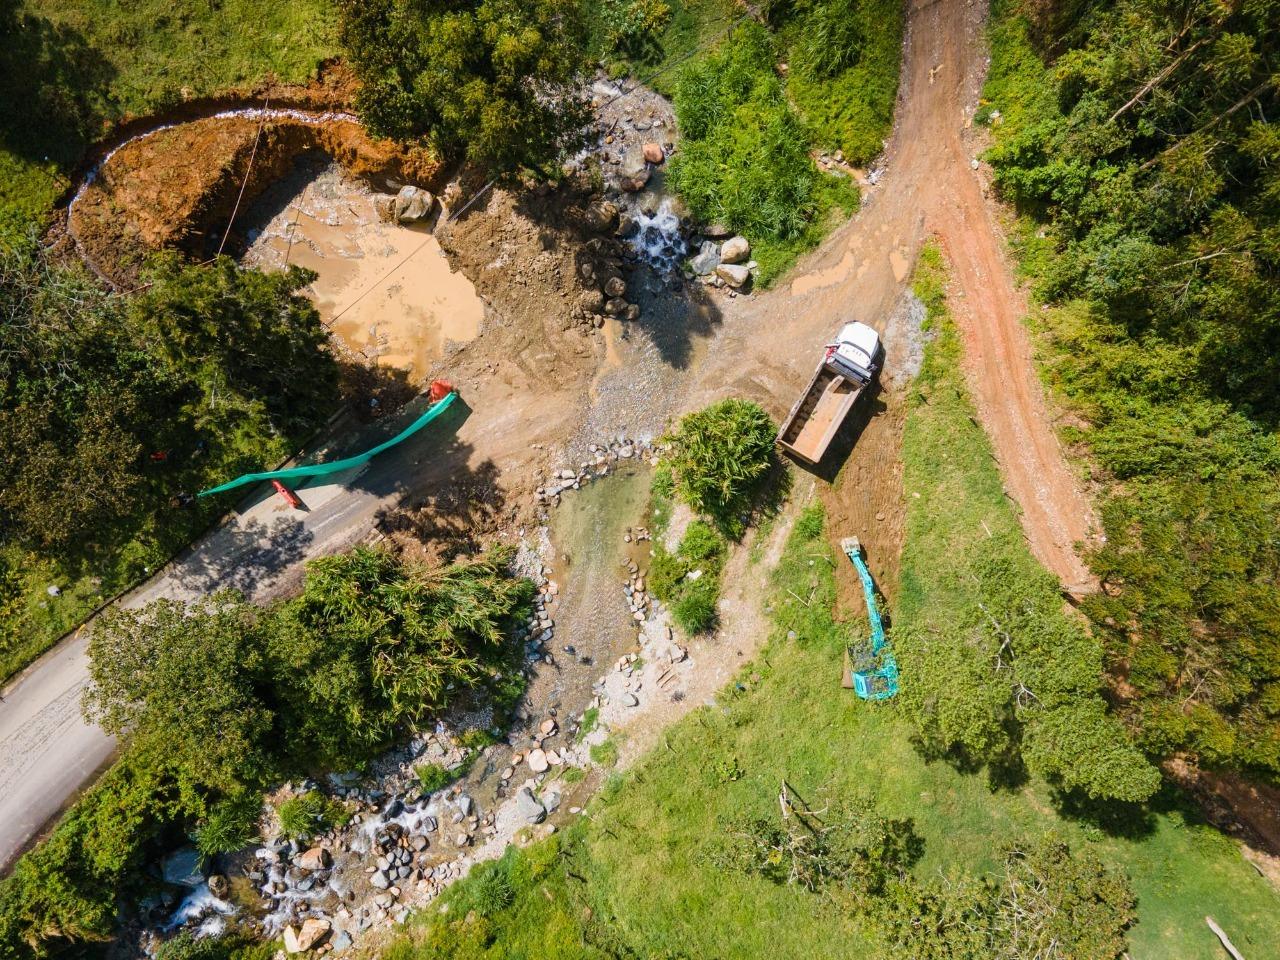 En Medellín Inició la construcción del puente Naranjal – Boquerón, obra que beneficiará a 8.000 personas en San Cristóbal